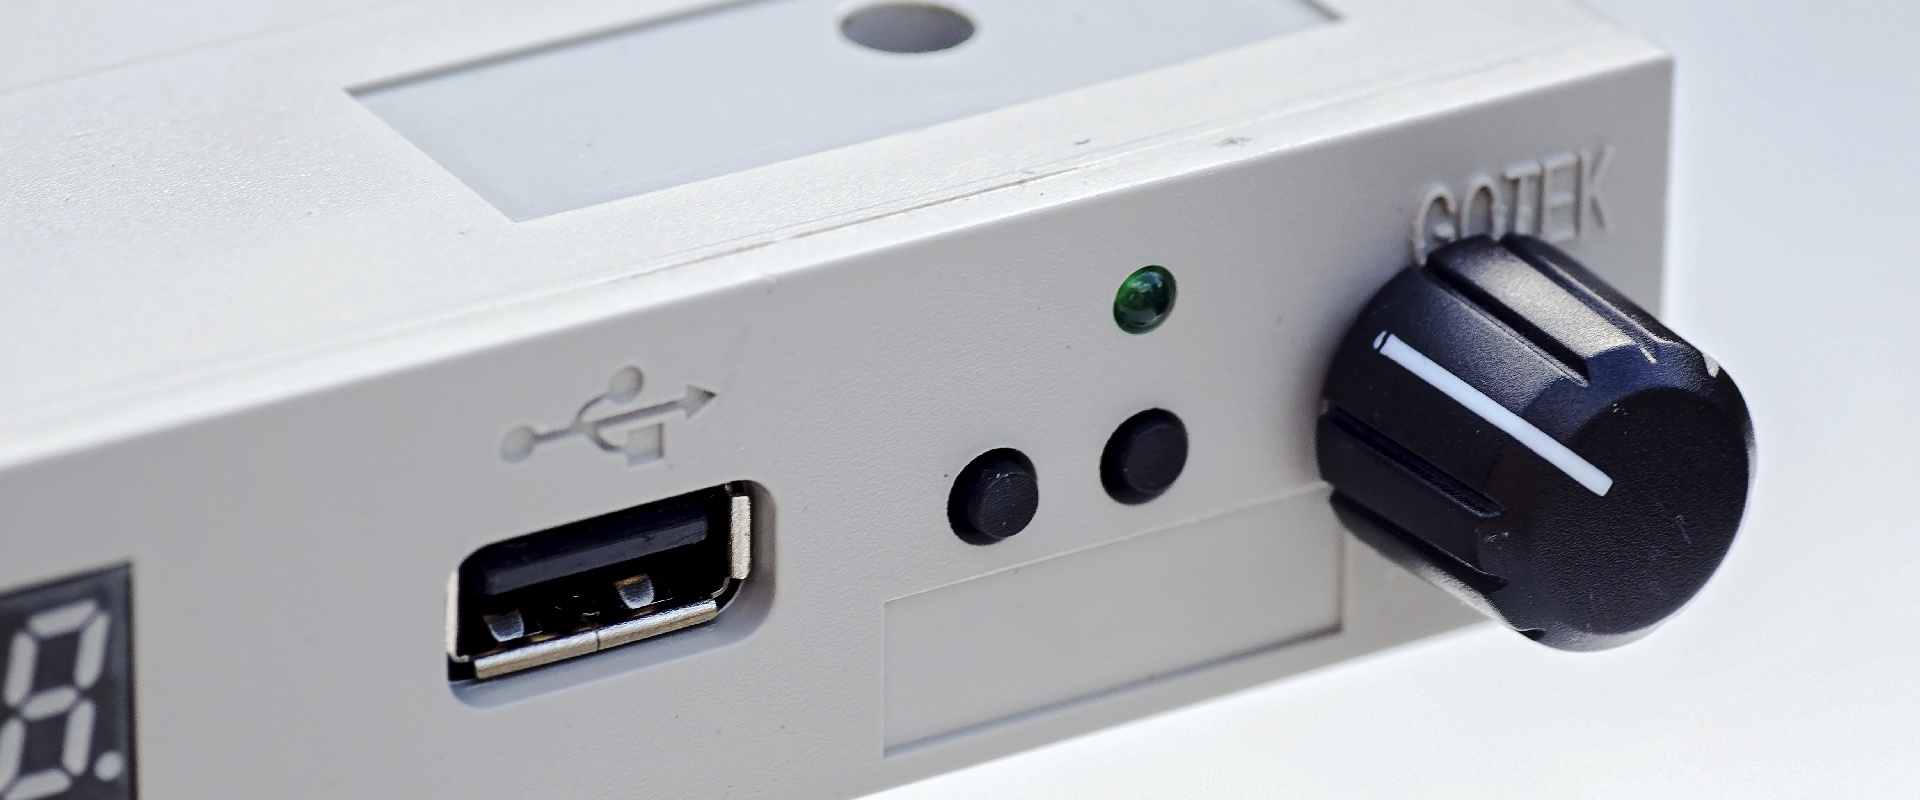 Slider 02 : Gray Gotek Floppy Drive with Rotary Encoder